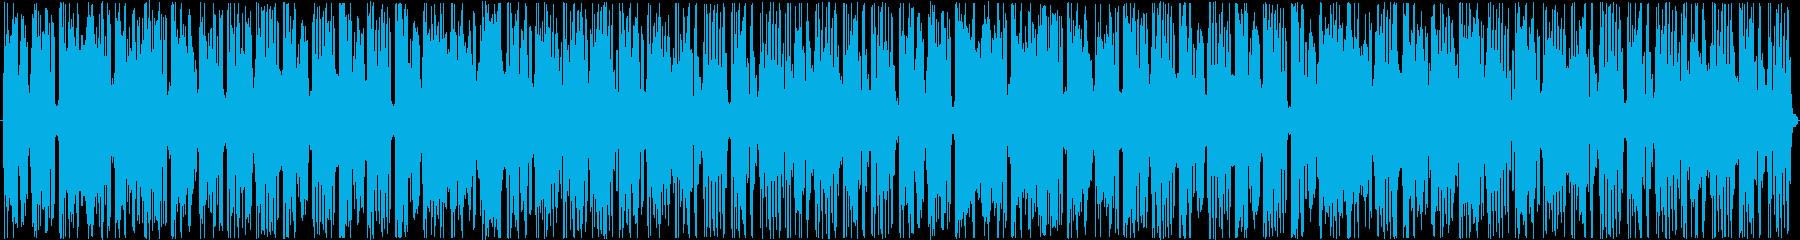 LOOPで使用できますの再生済みの波形